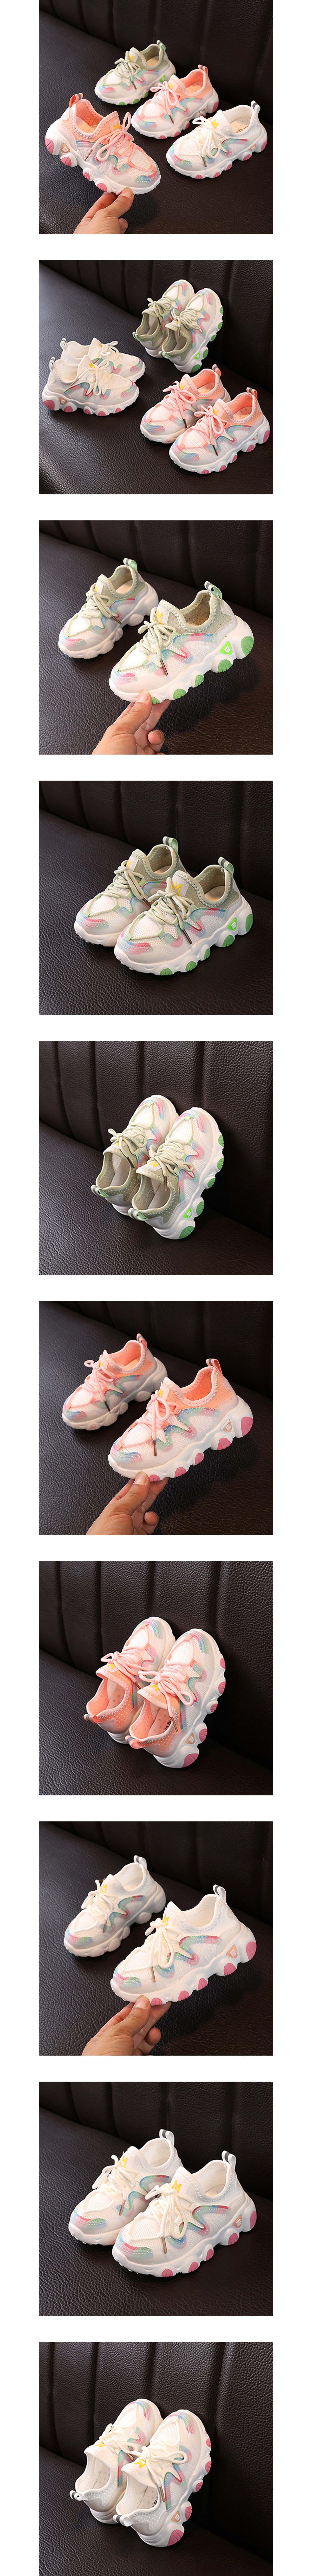 童鞋.透氣彩色波紋大底休閒鞋.童裝